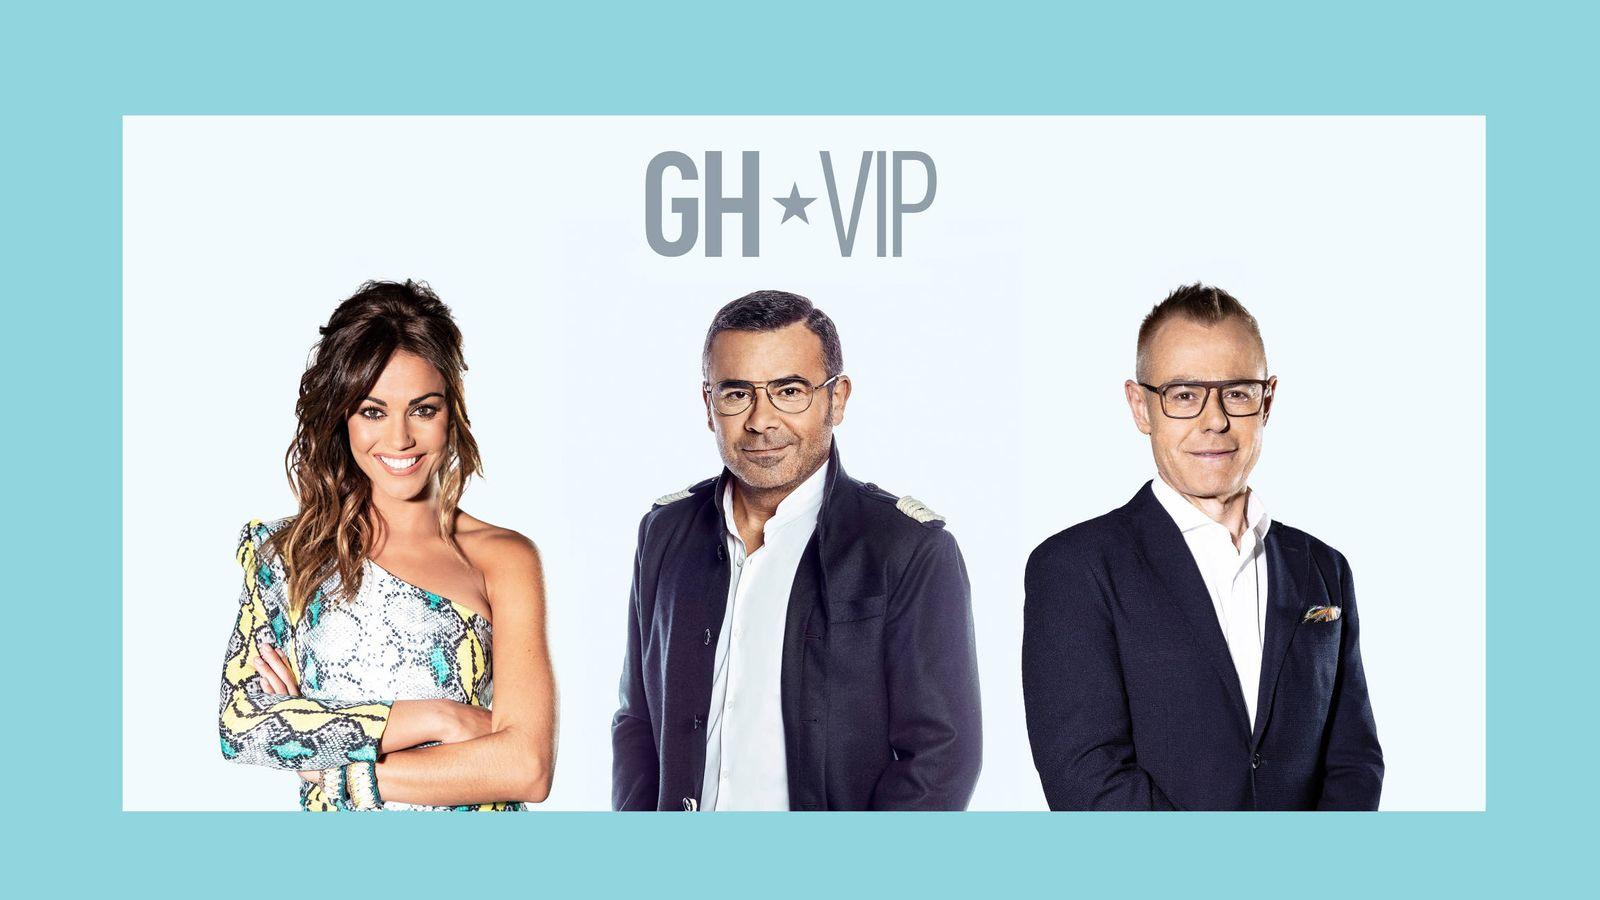 Actriz Porno Española Gran Hermano gh vip' elimina la emisión 24 horas de youtube, descubre